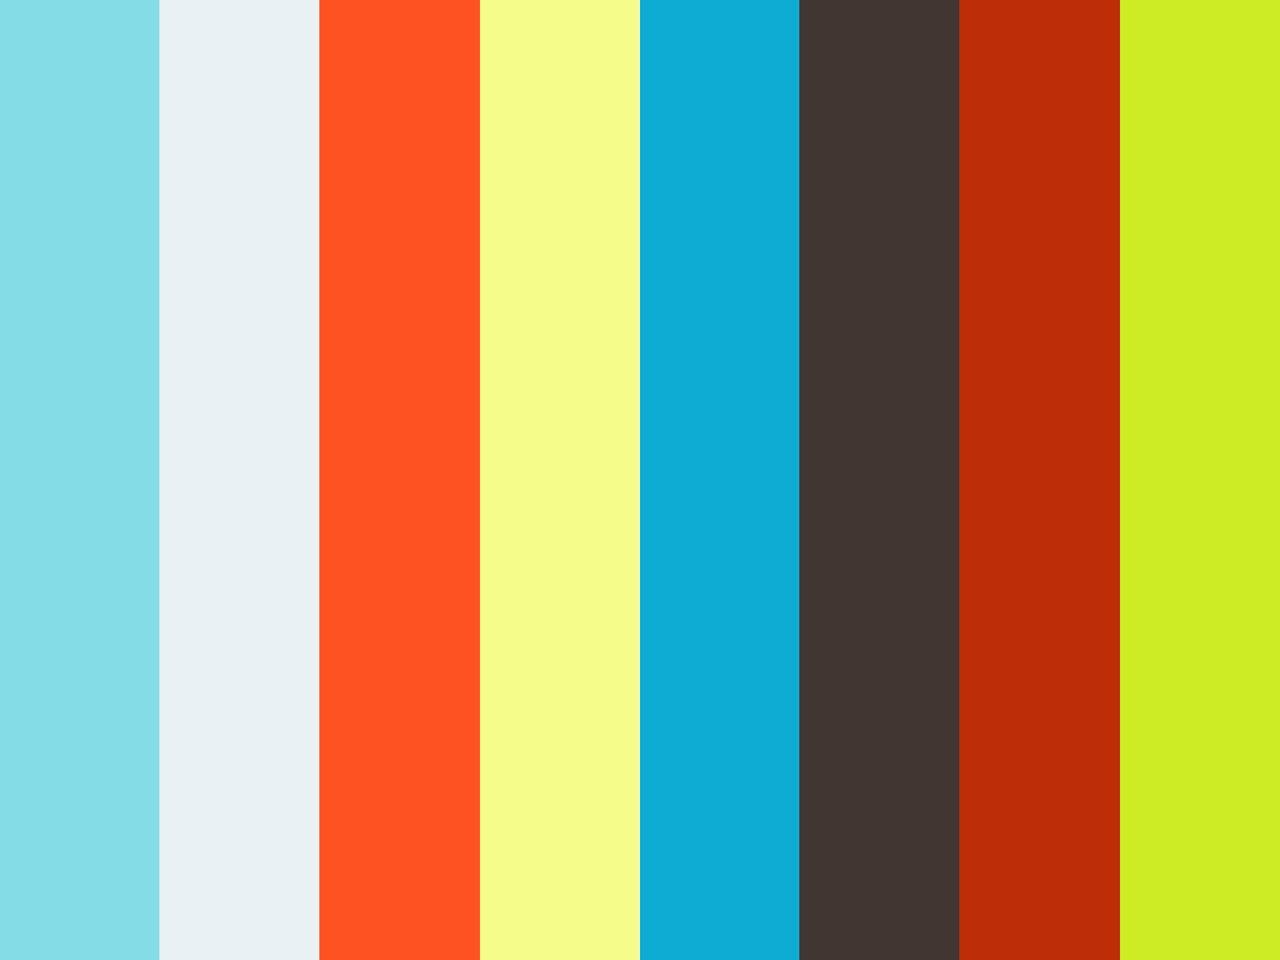 【商業】羅森資訊-商品Raycop